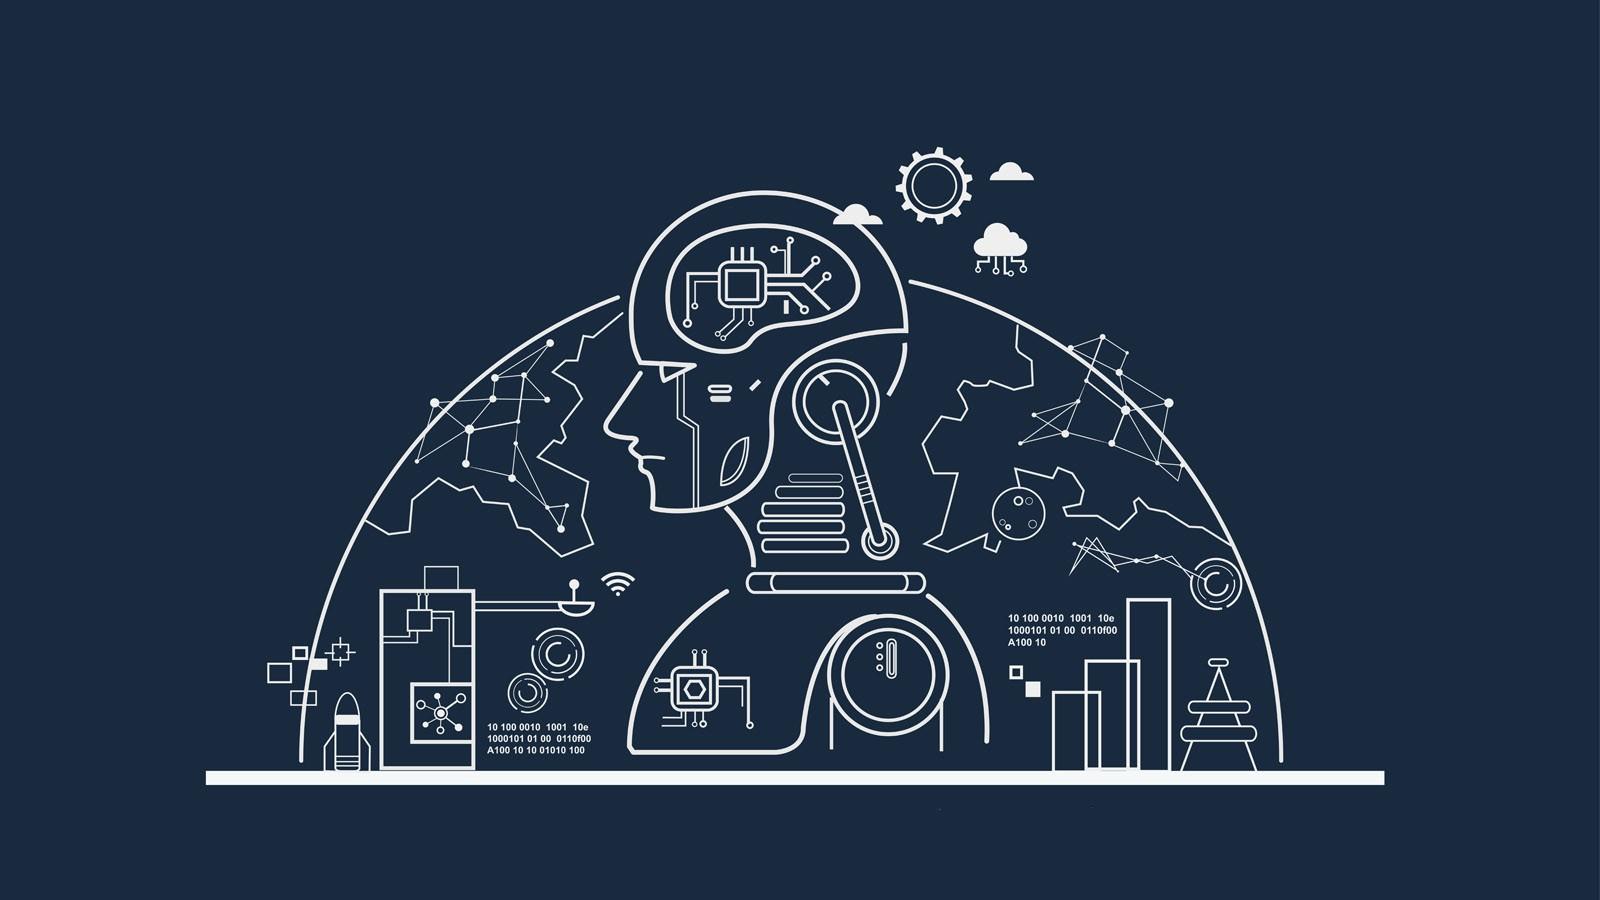 5 aplicaciones futuristas de inteligencia artificial (IA) en las empresas